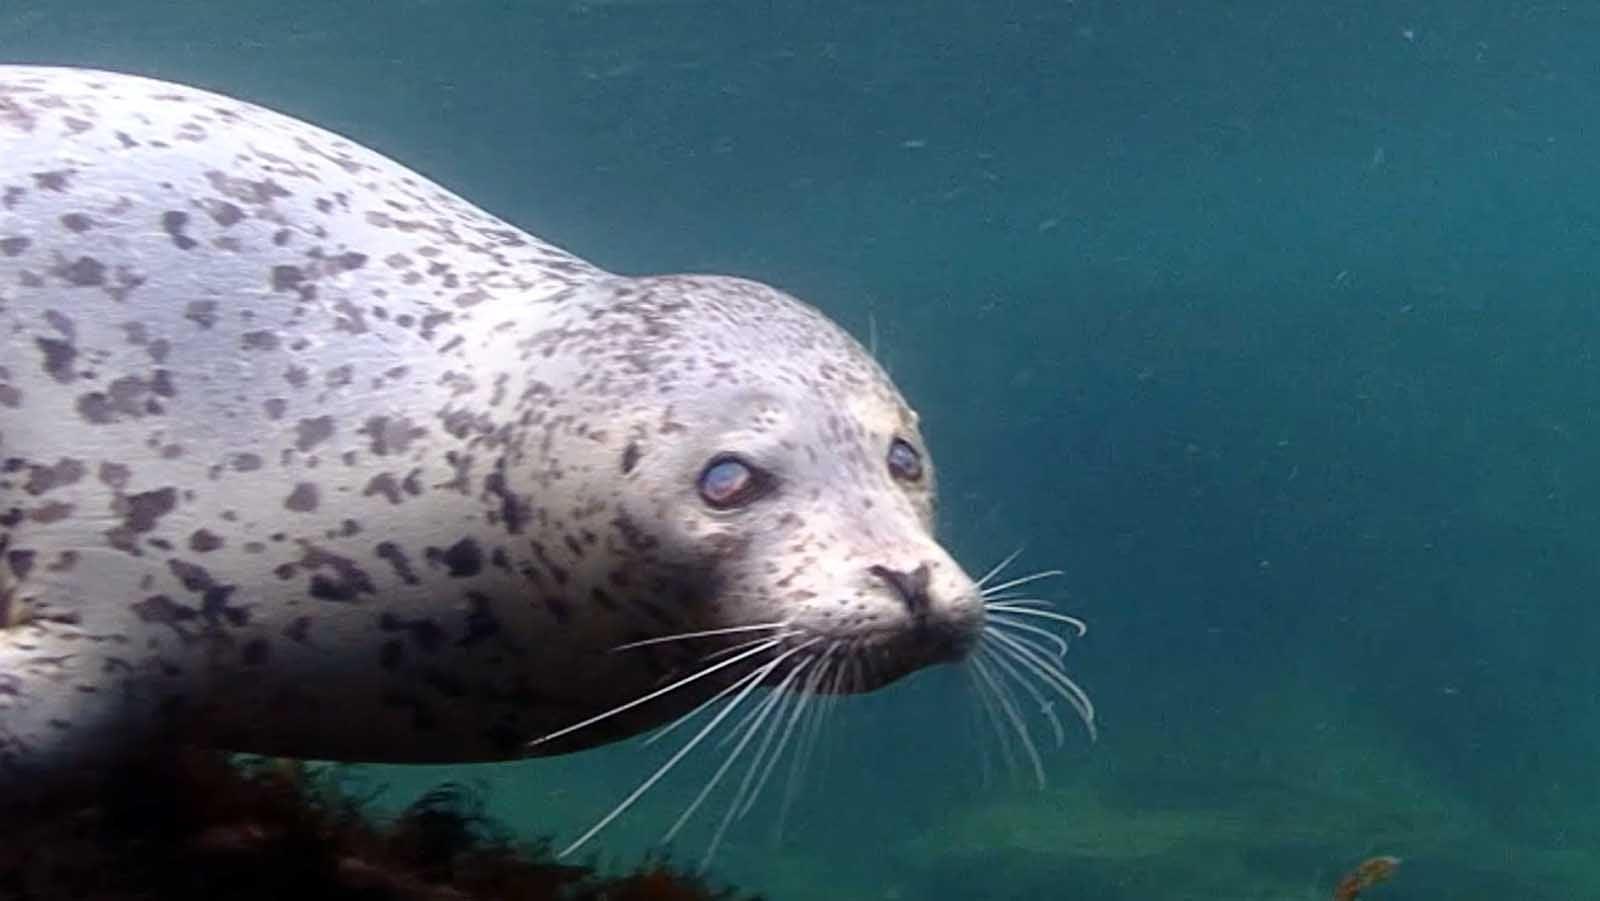 Sehbehinderte Robbe zeigt unbändigen Überlebenswillen